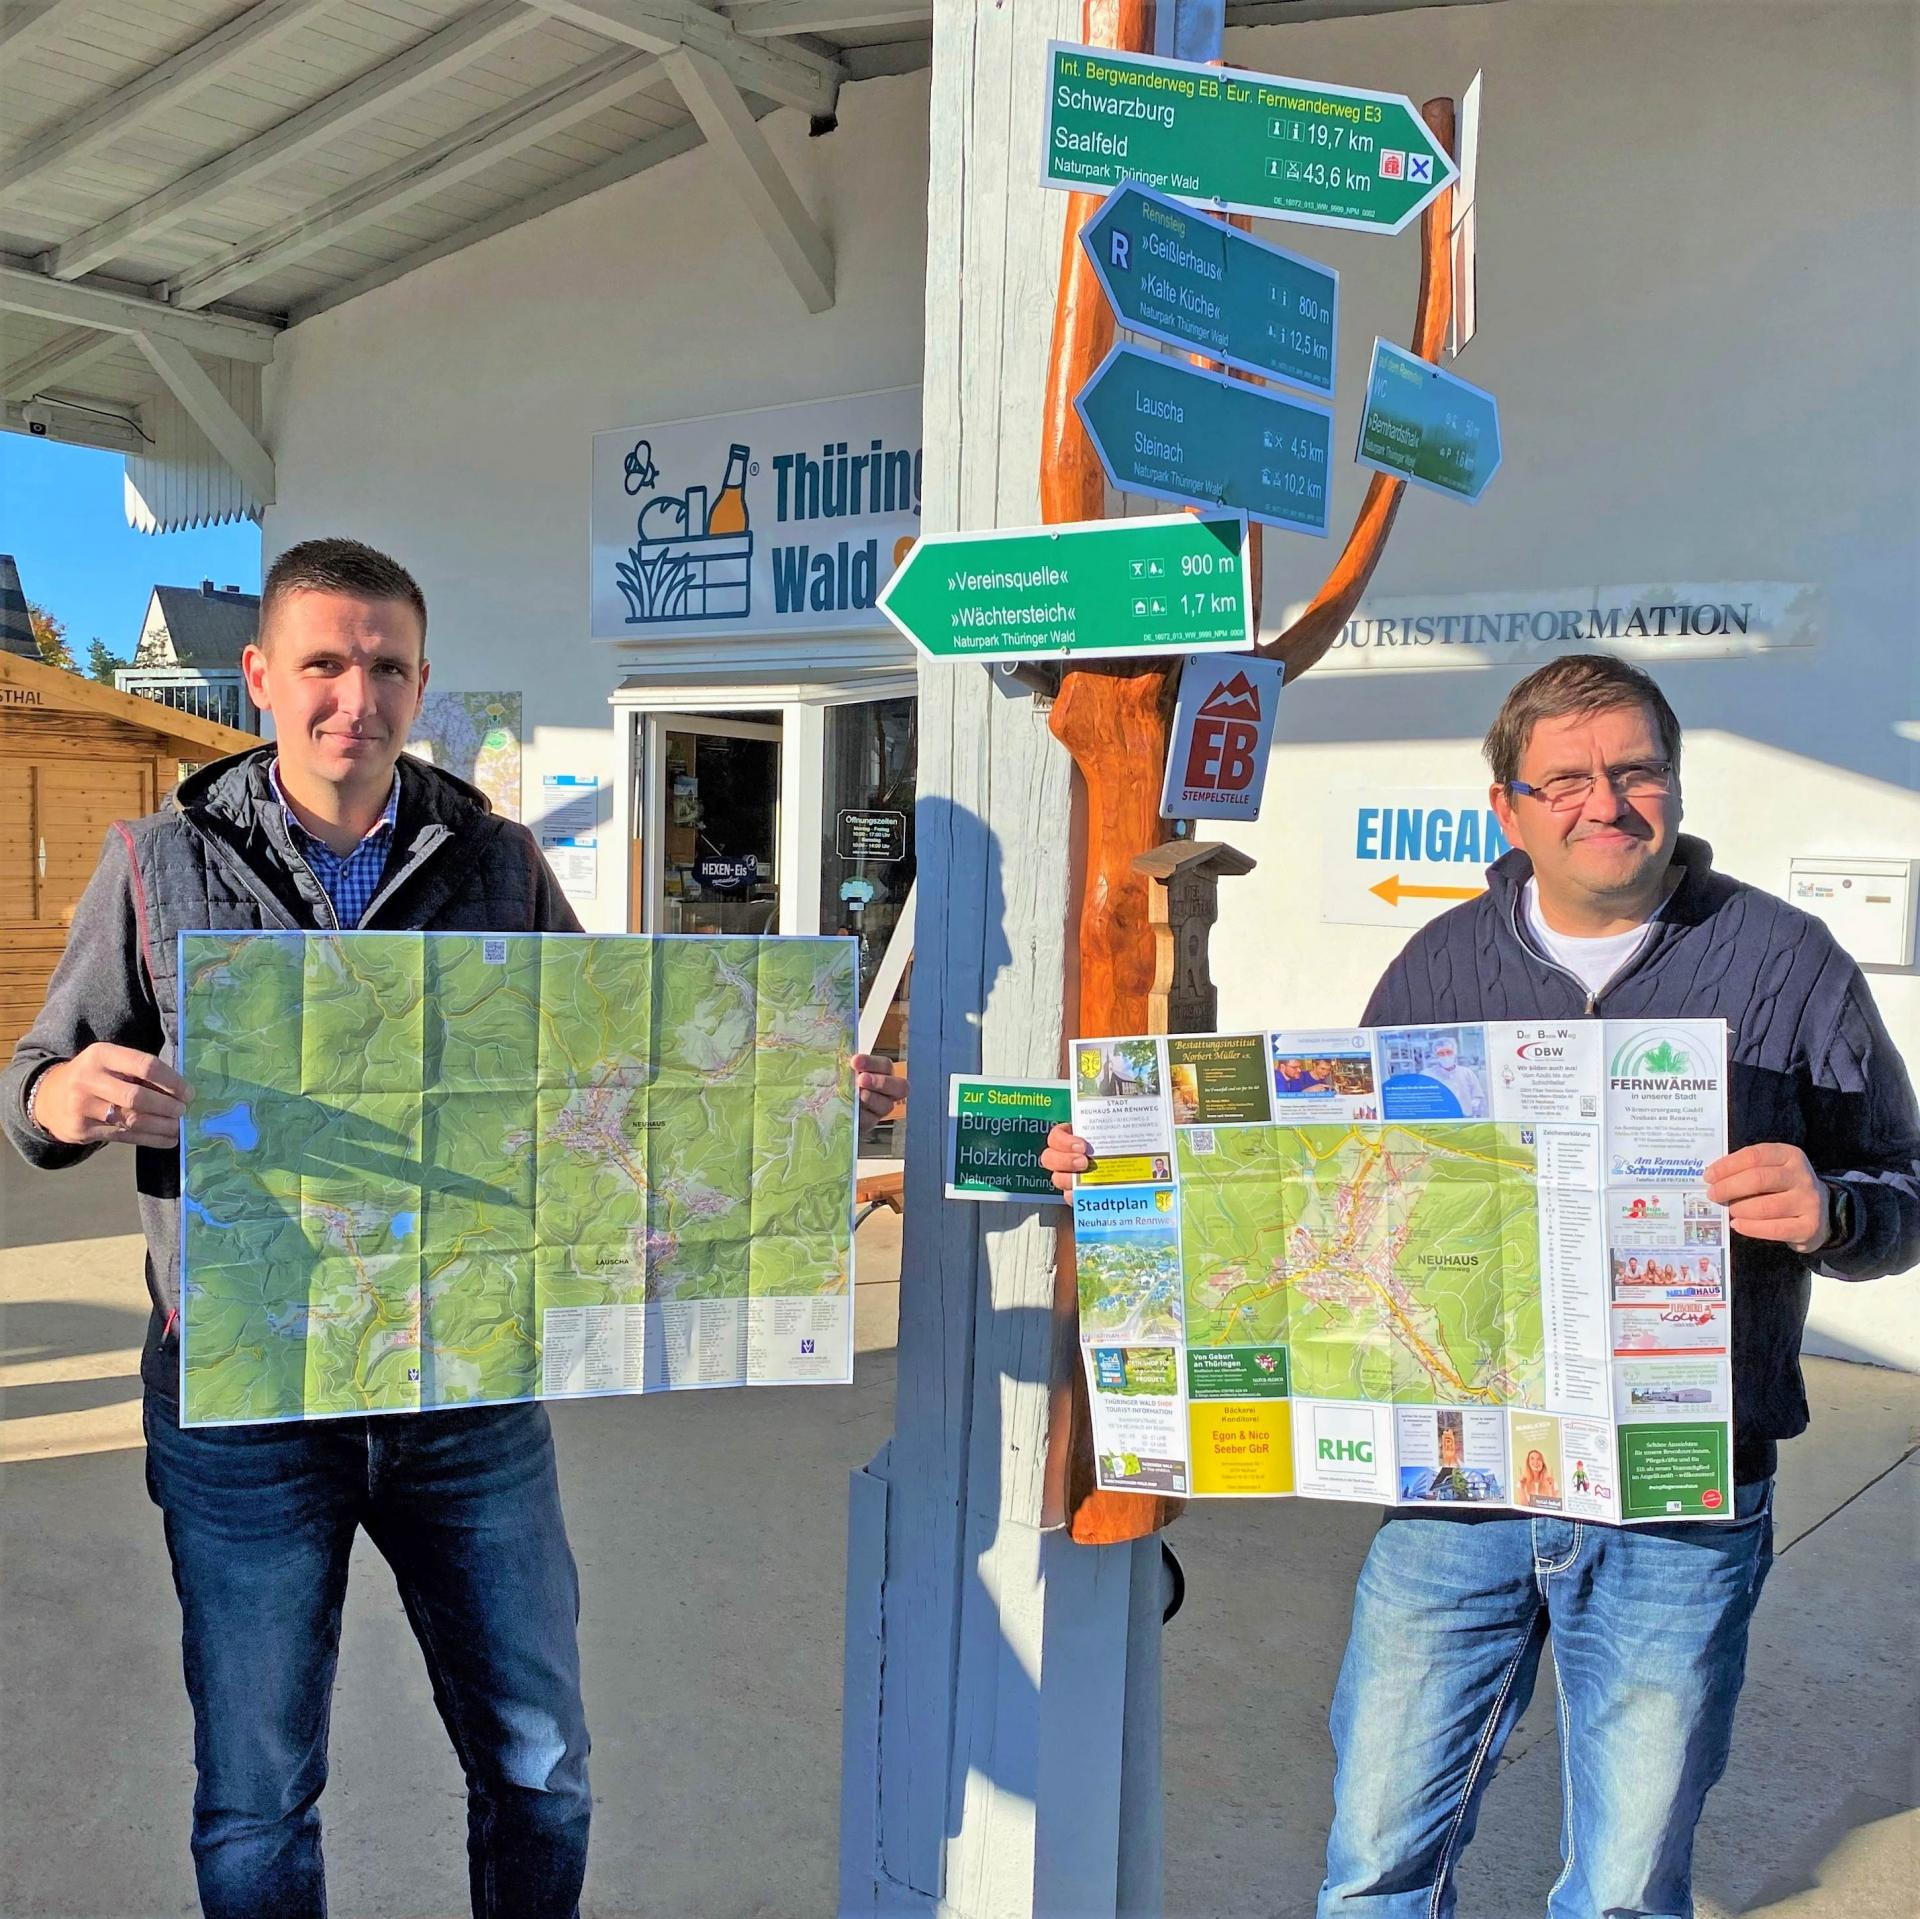 Geschäftsführer Jörg Seifert (links) und Bürgermeister Uwe Scheler (rechts) mit dem neuen Stadtplan vor dem Thüringer Wald Shop mit Touristinformation in der Neuhäuser Bahnhofstraße 10